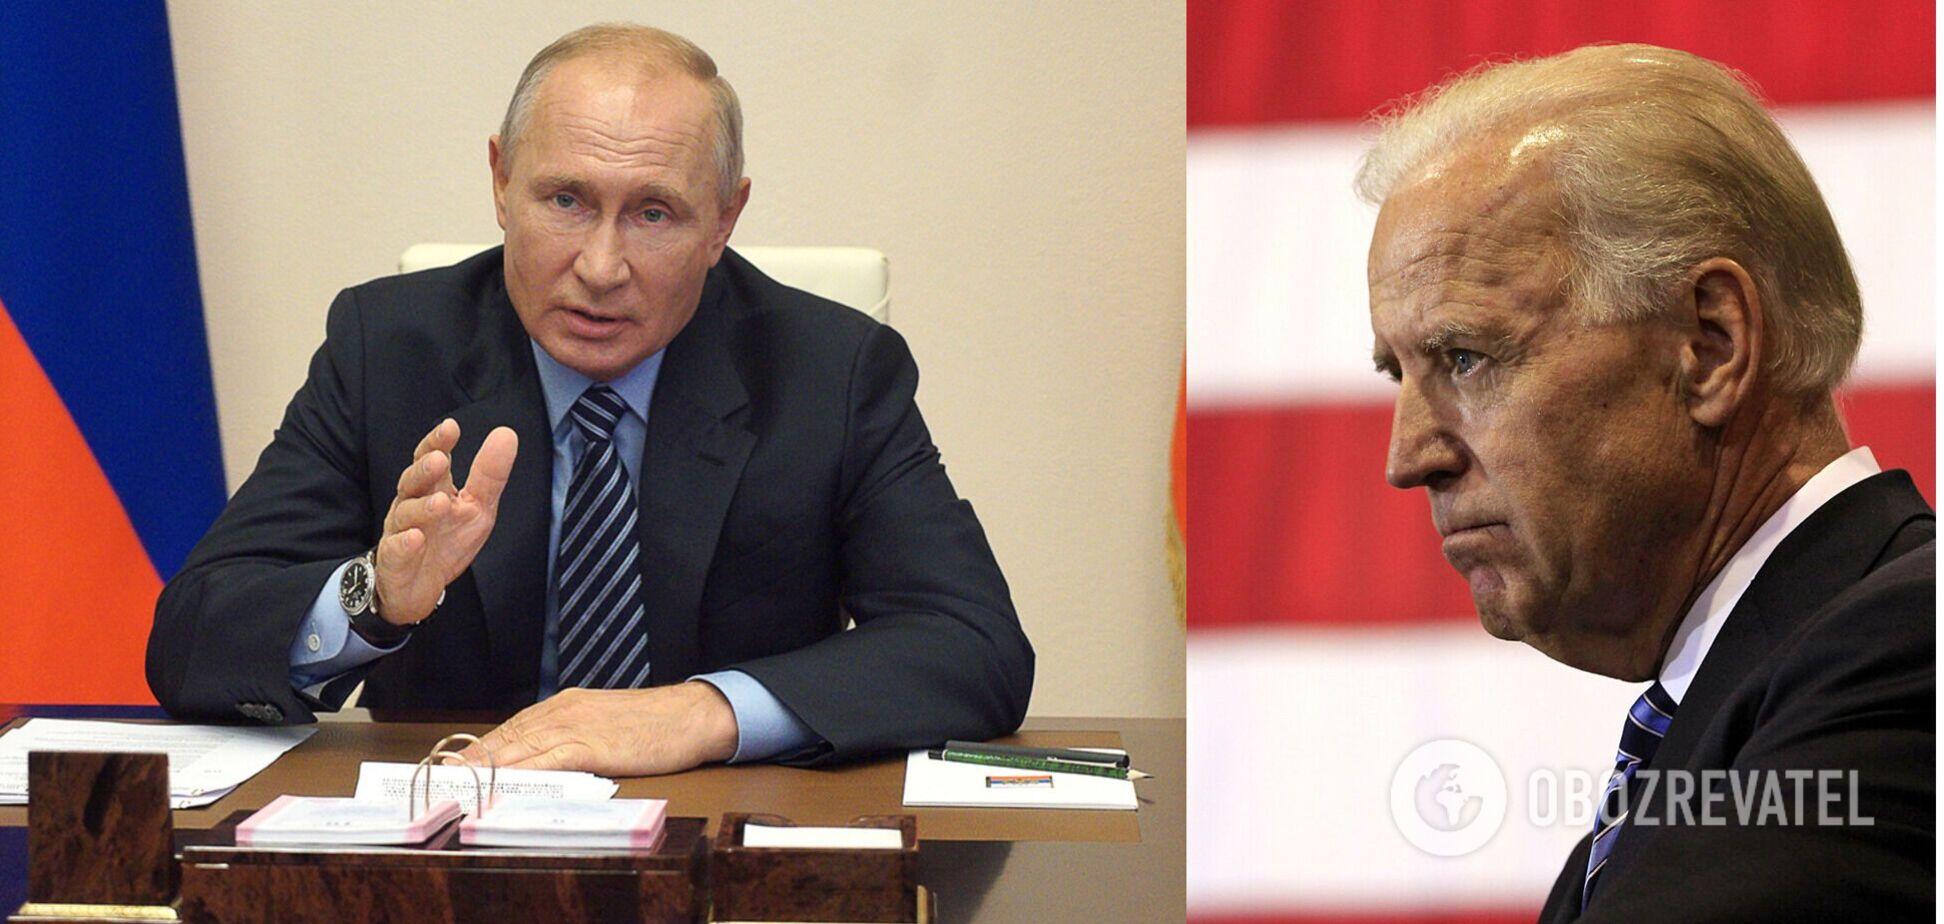 Путін про висловлювання Байдена: хто обзивається, сам так називається